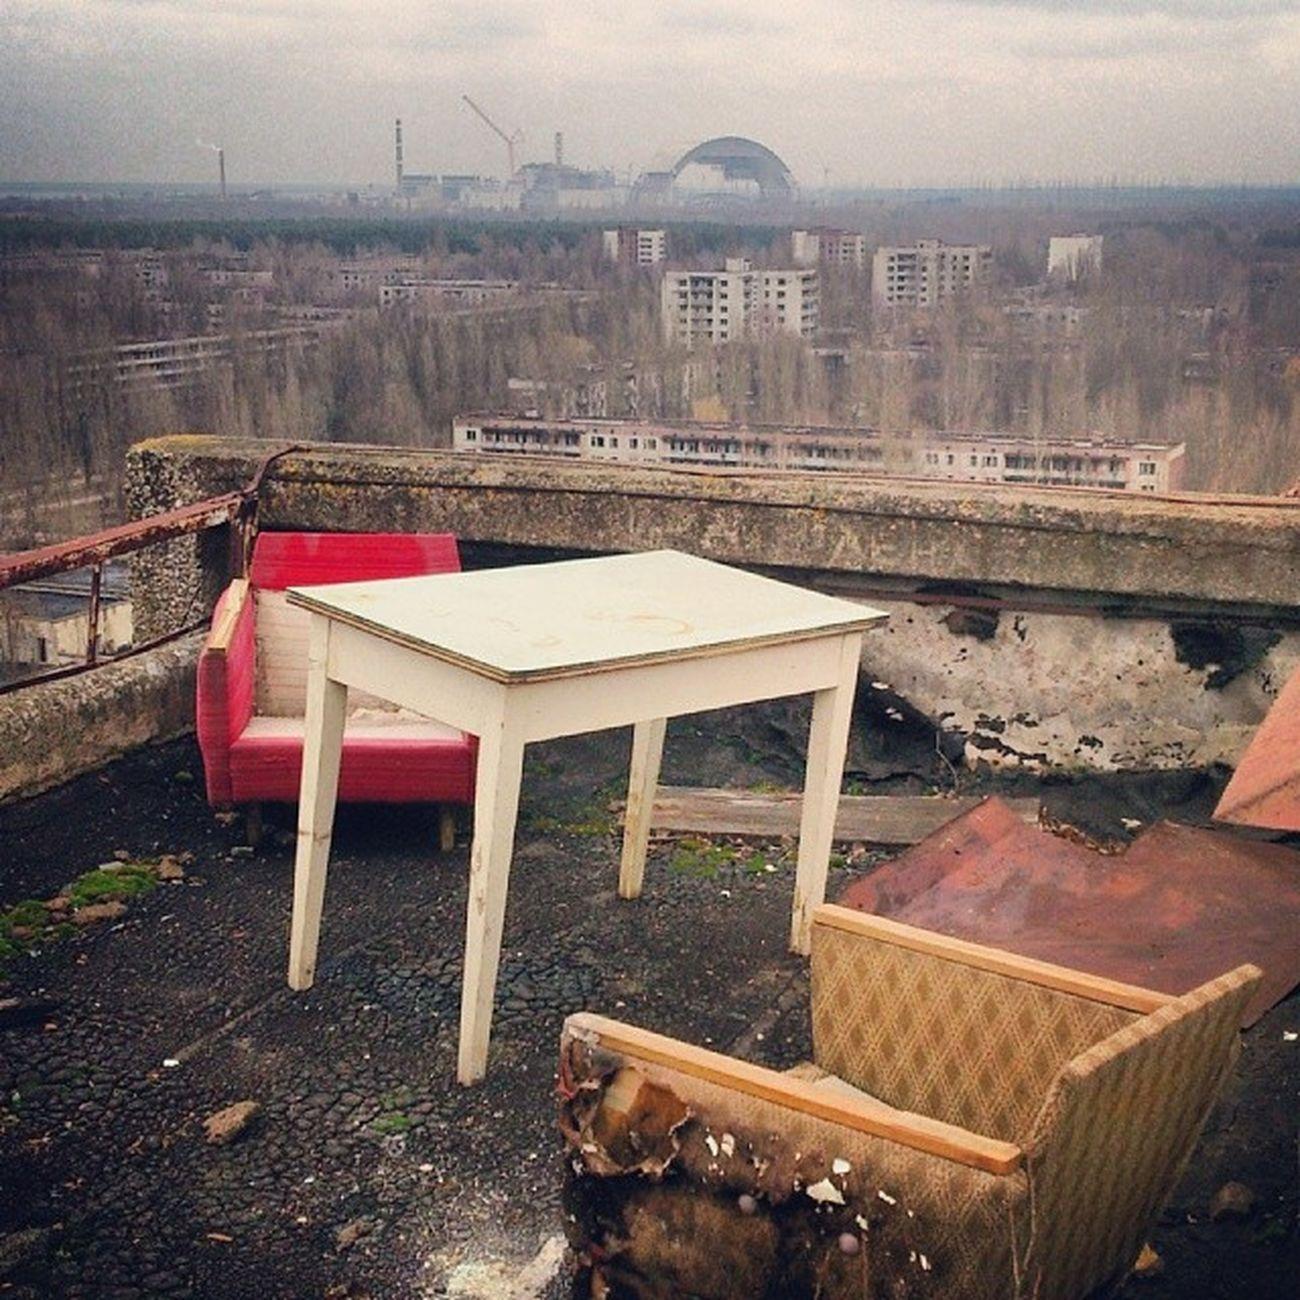 Нашим людям то что: ебали мы и вашу радиацию припять Мертвый_город артефакт чаэс атомная_станция pripyat dead_city abandoned_city nuclear_station roof